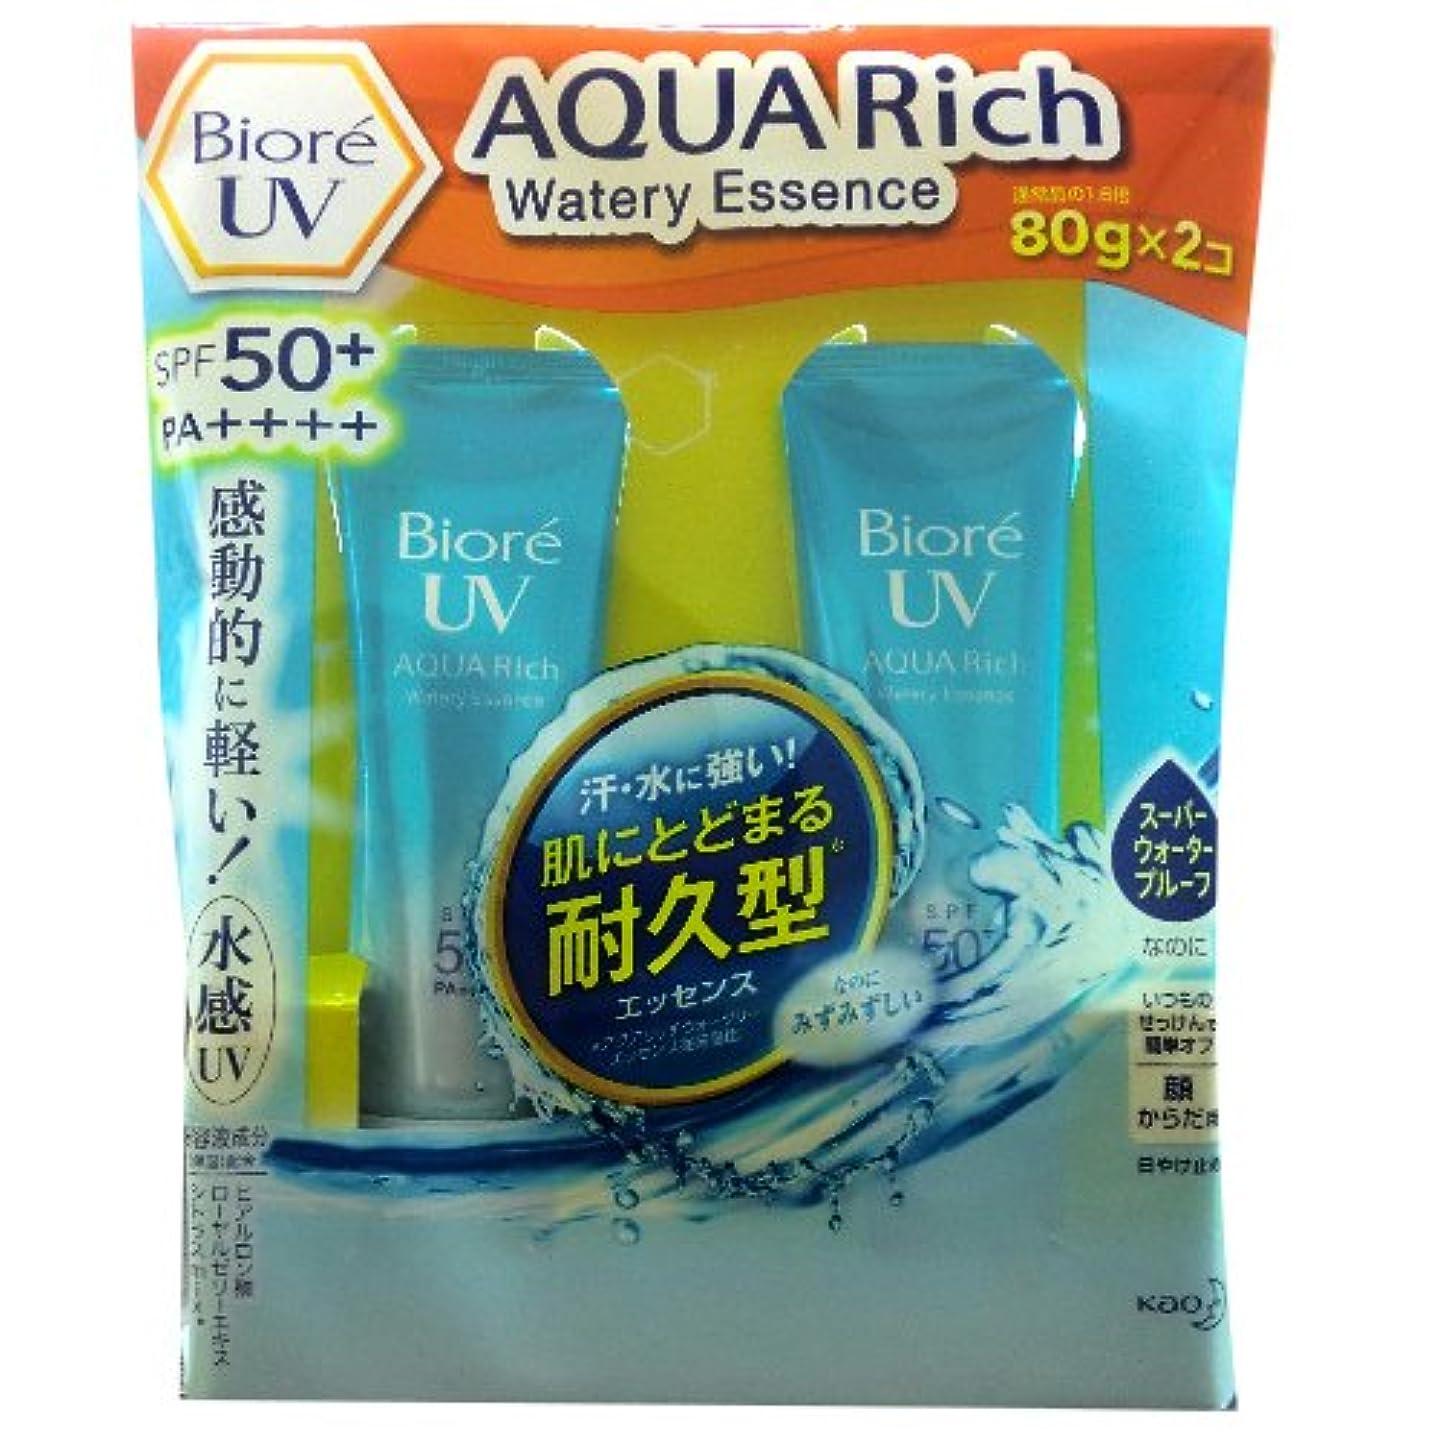 不器用拍車たっぷりBiore UV AQUA Rich Watery Essence 80g×2コ